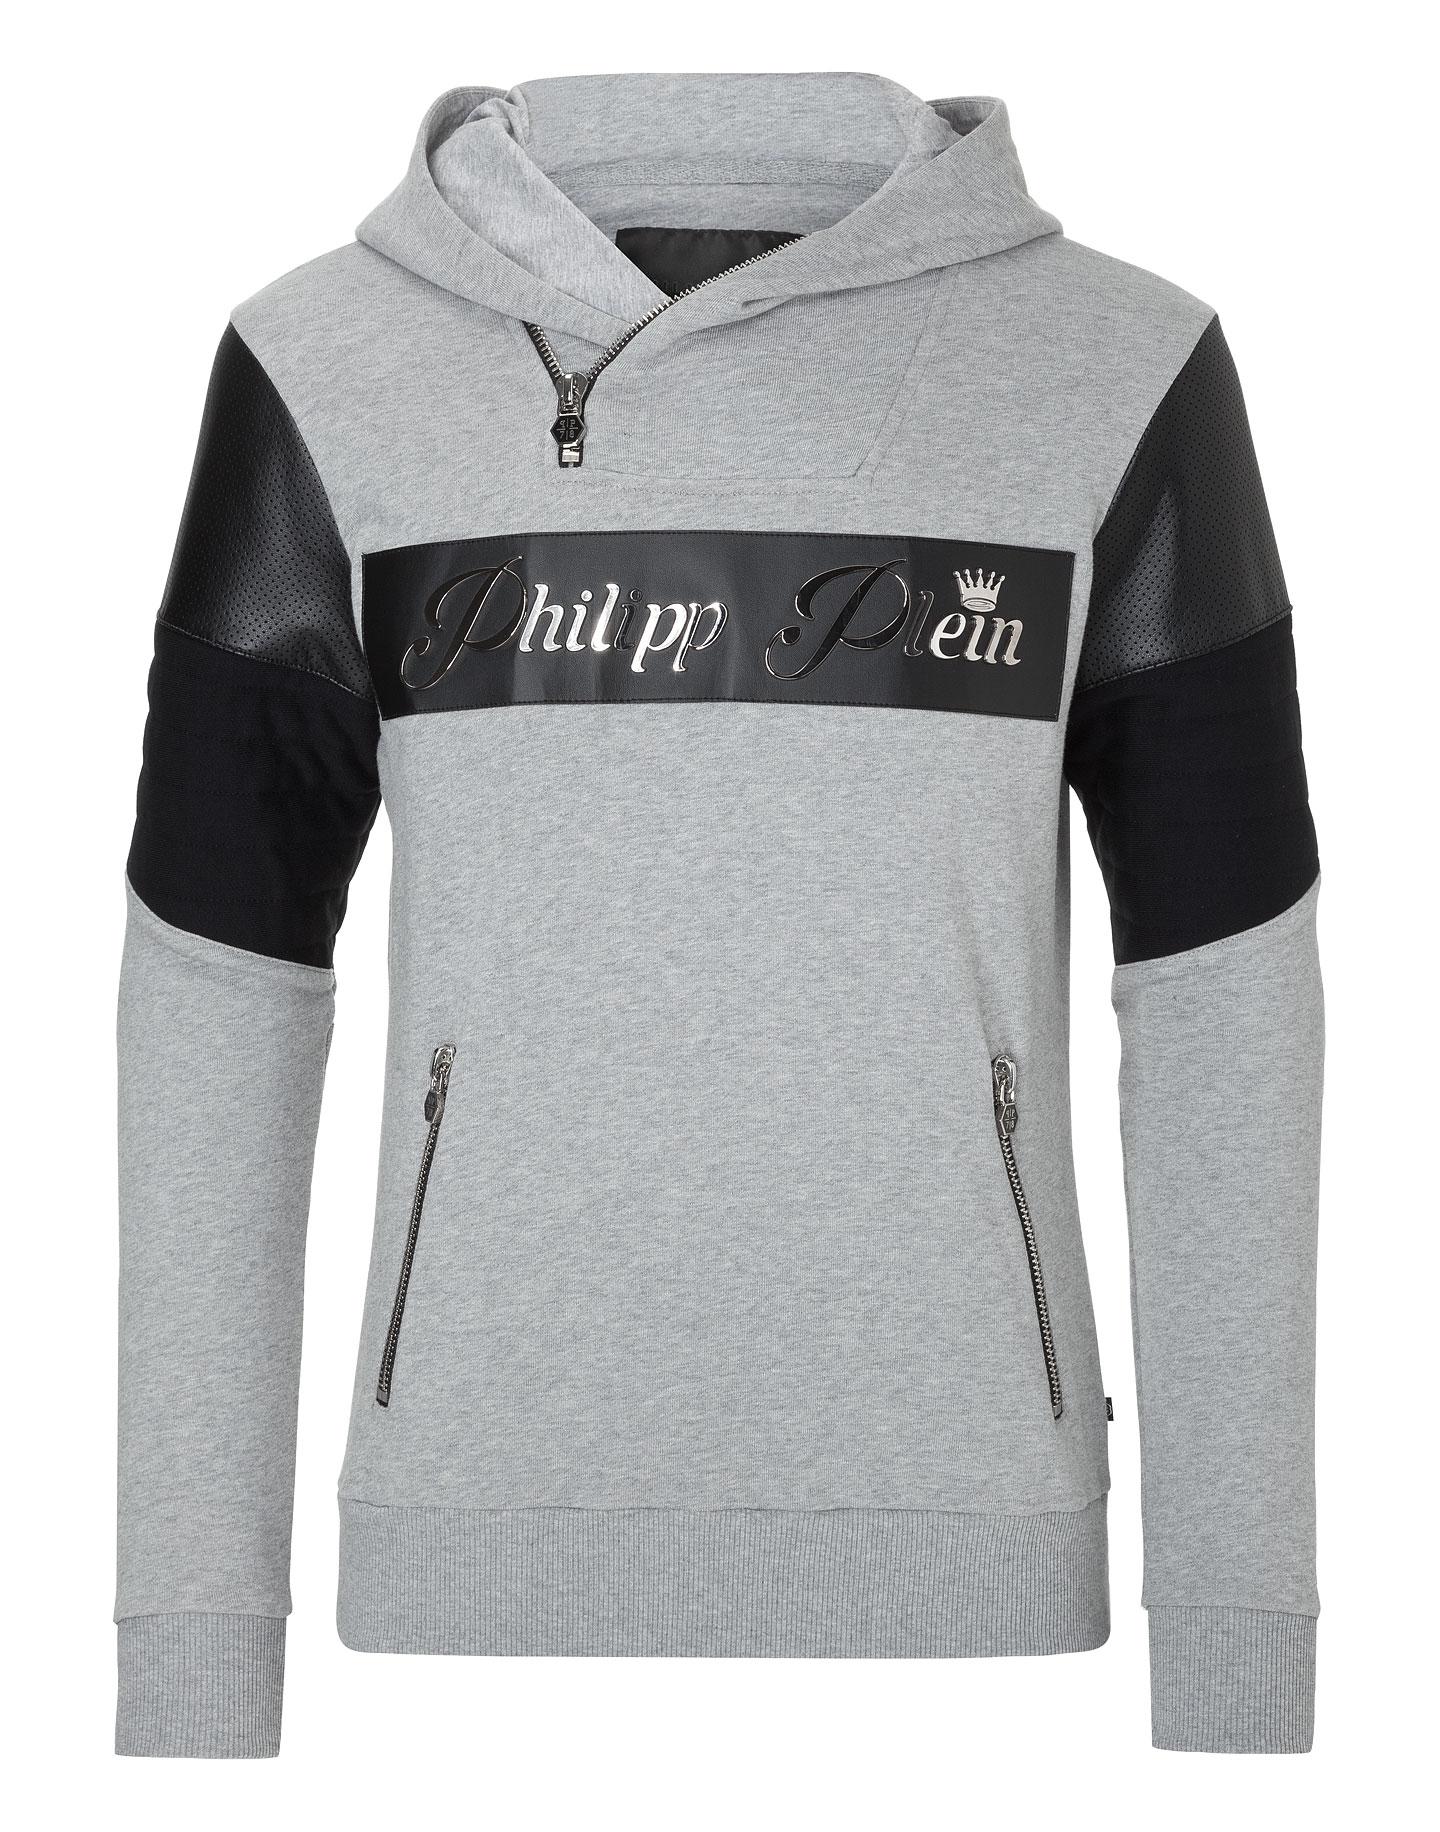 995e641693a558 Hoodie sweatshirt